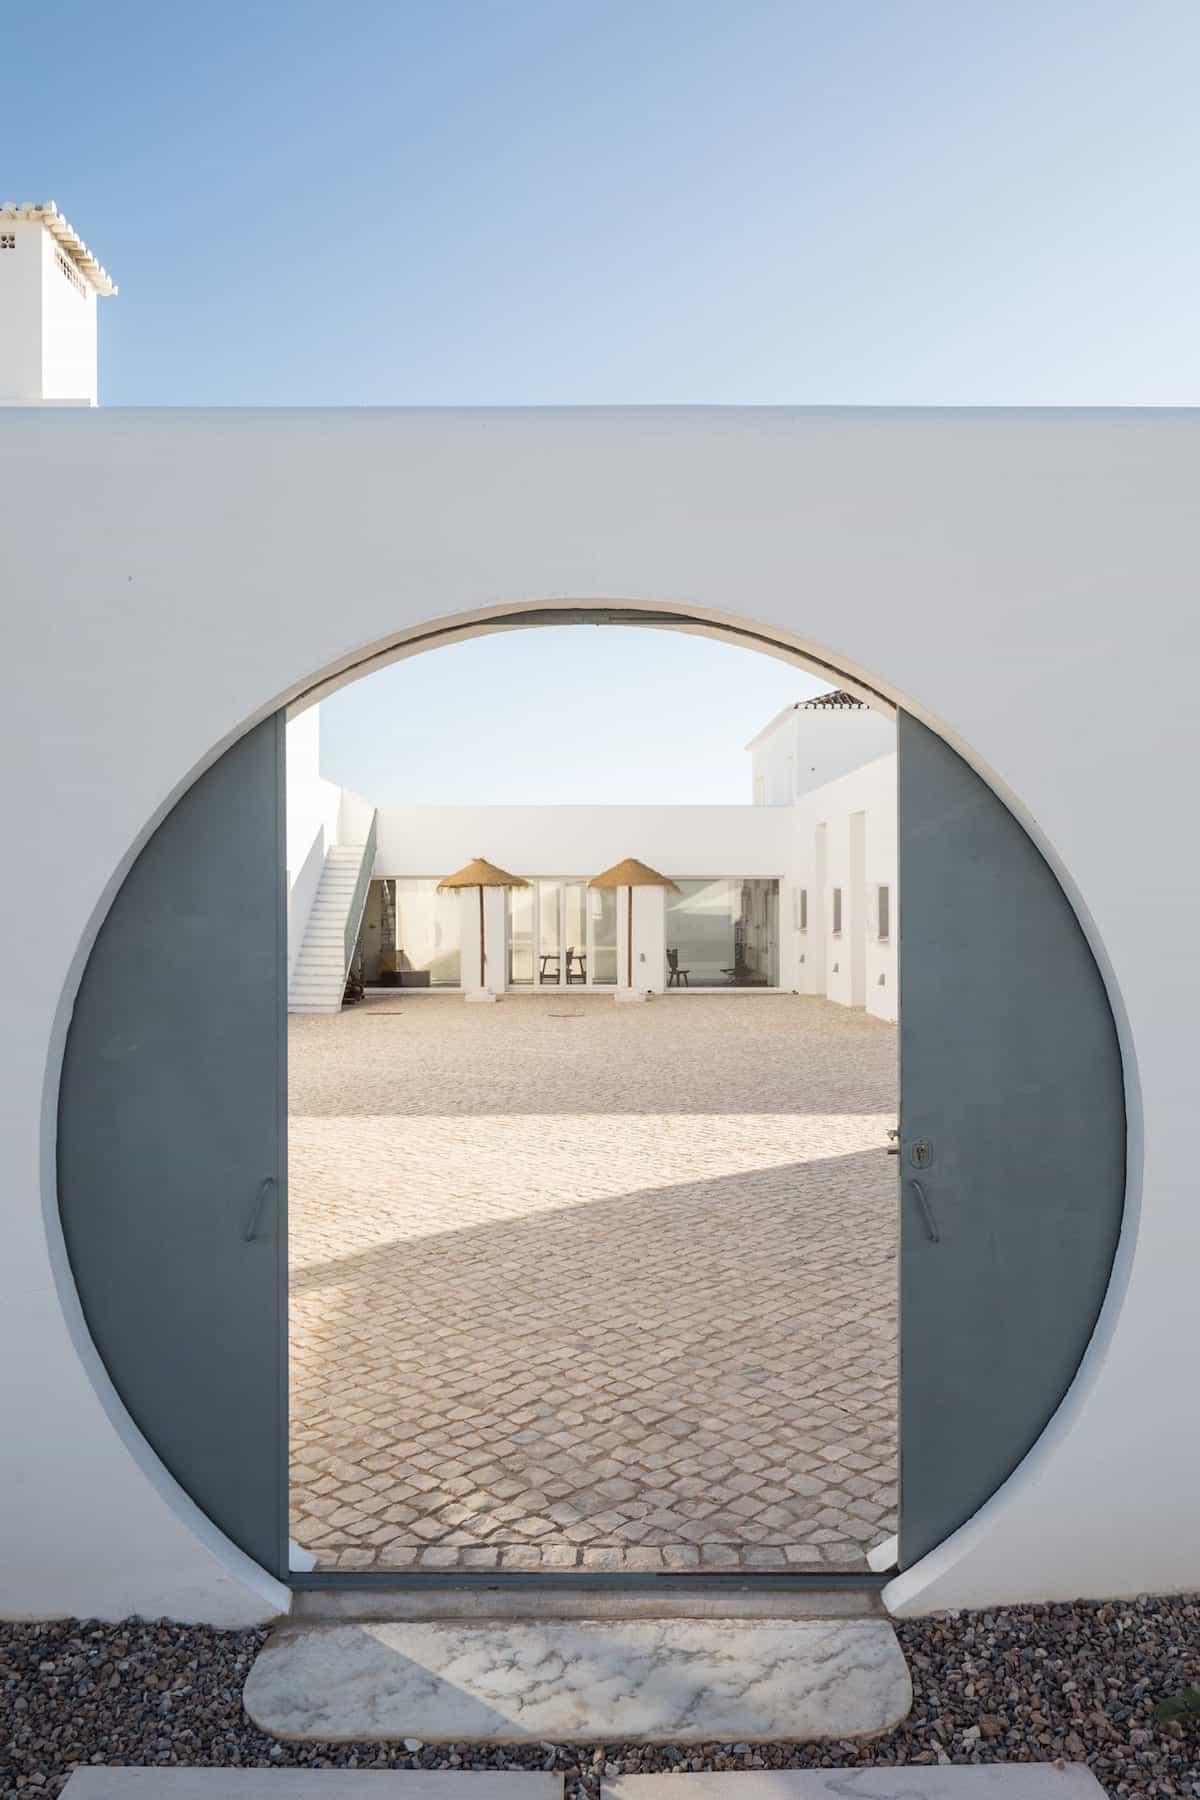 View onto courtyard through a round gate